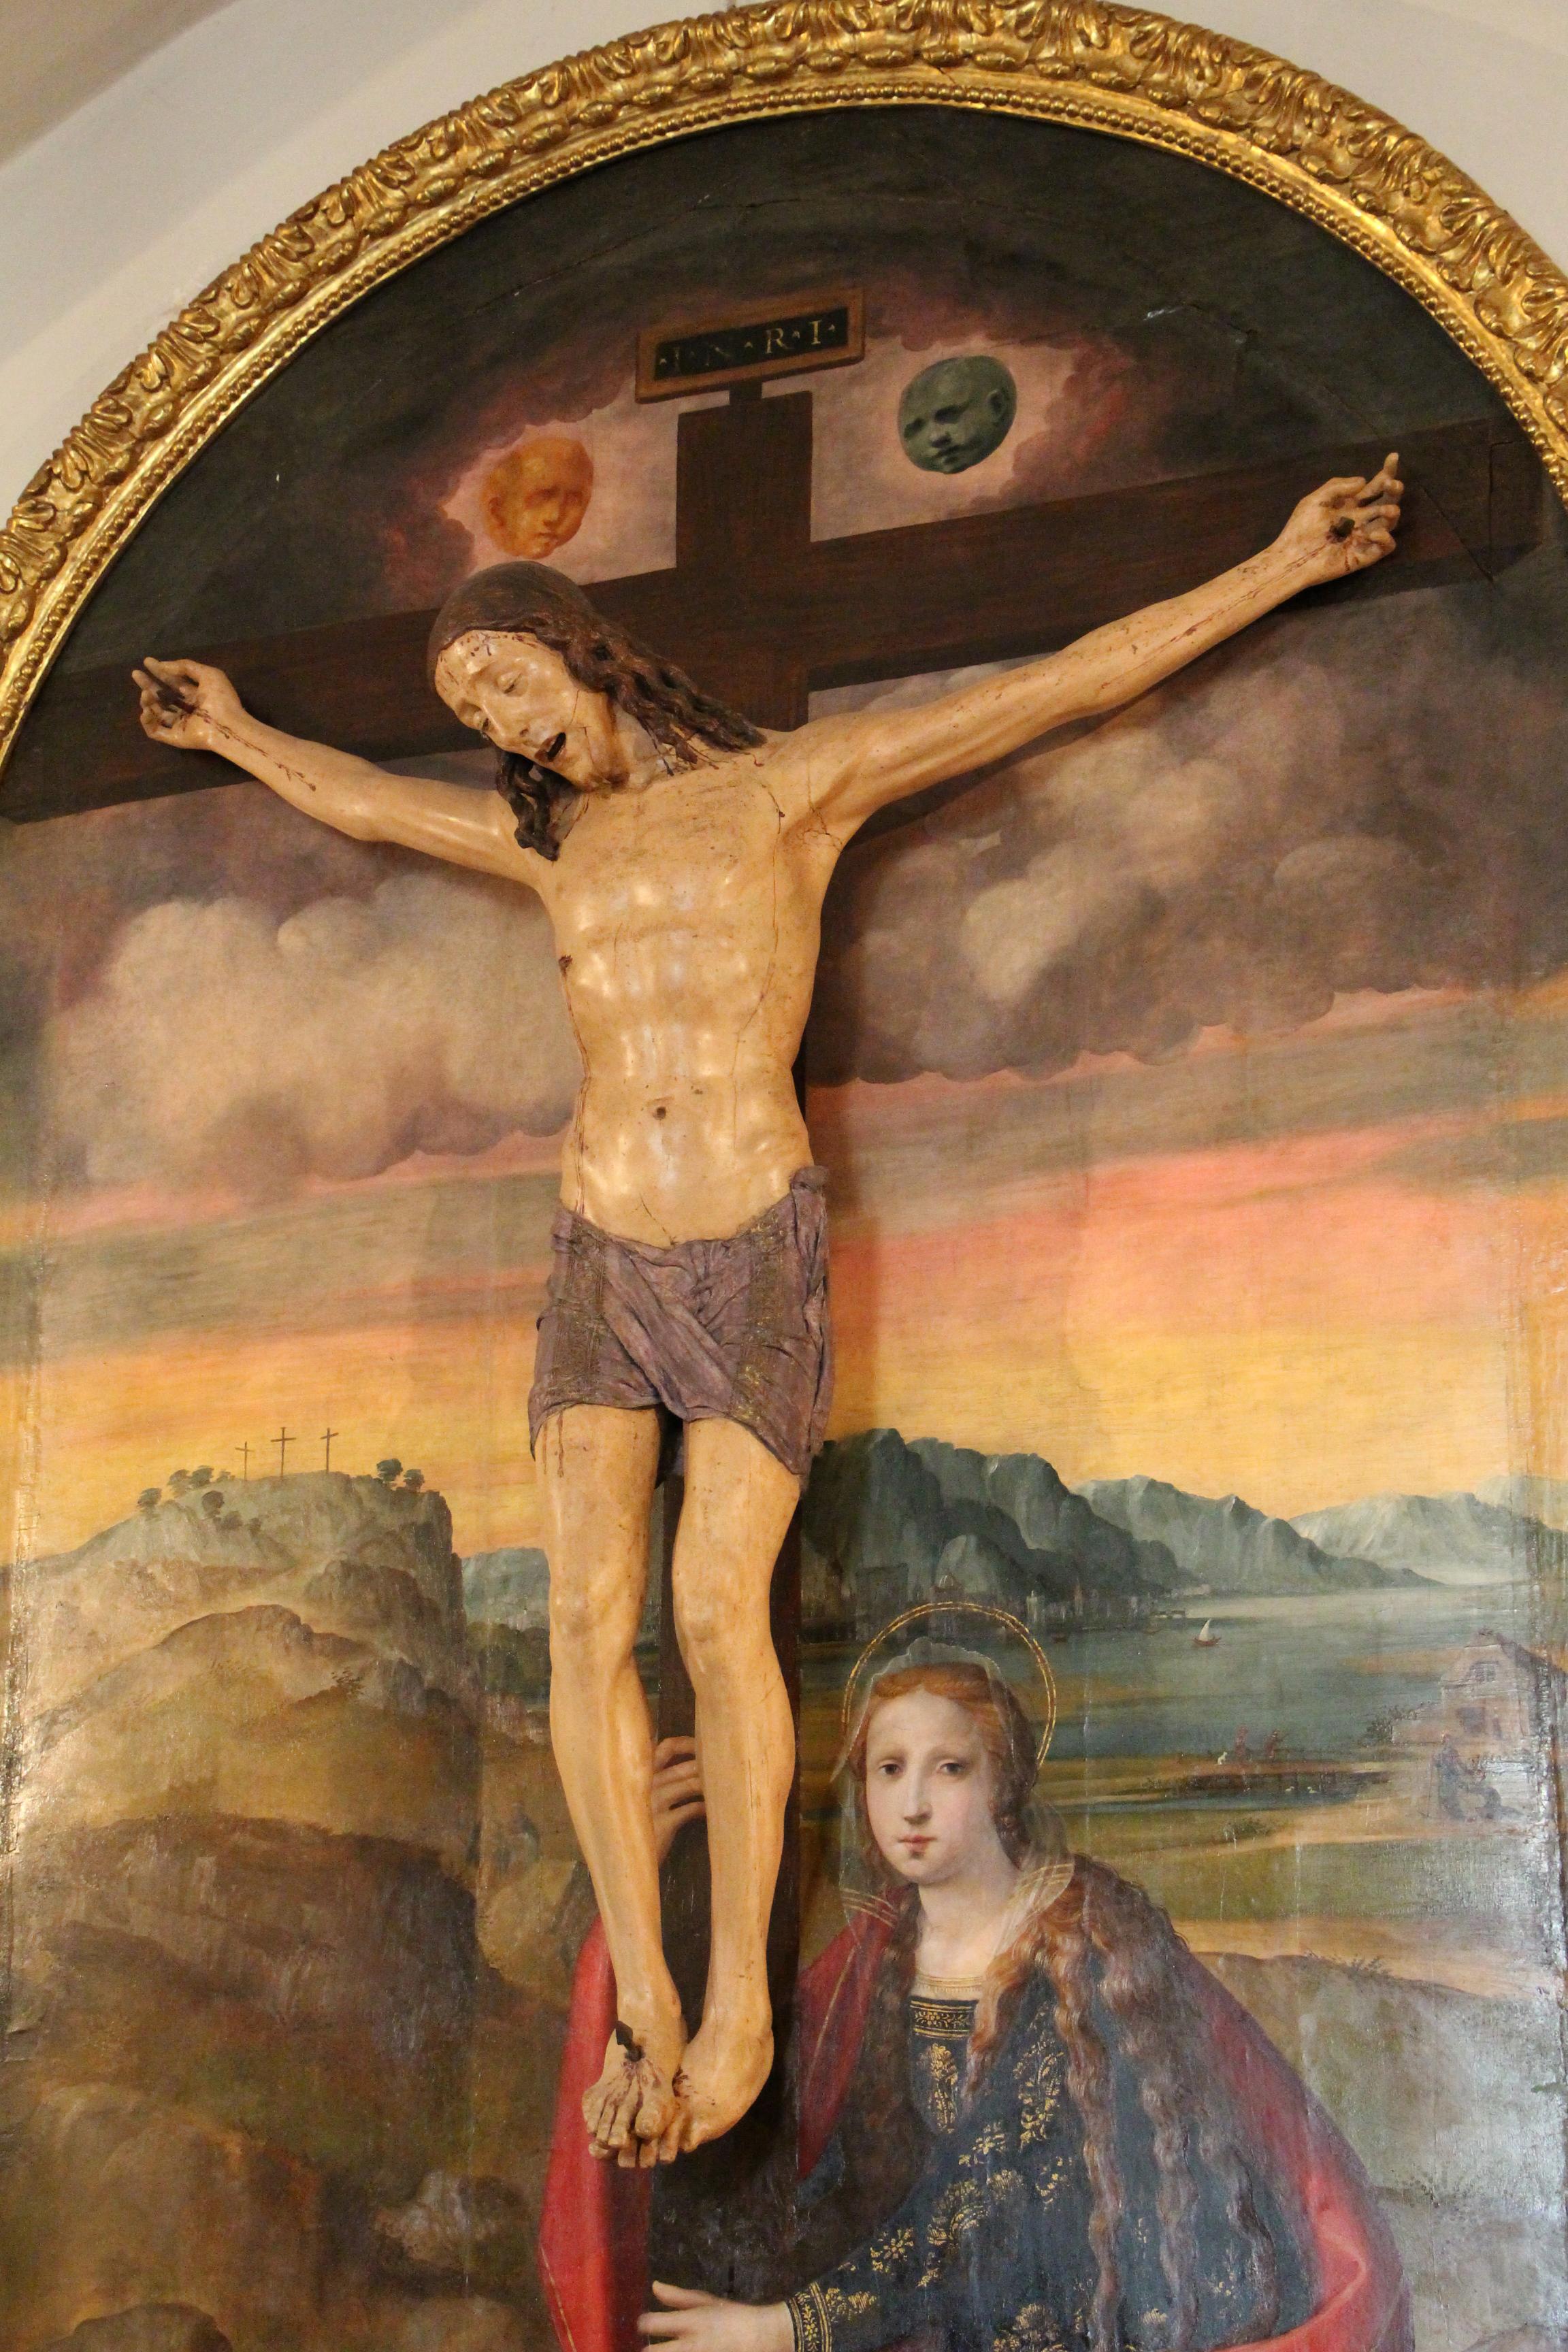 File:Baccio da montelupo, crocifisso (1505-10) e ridolfo del gh